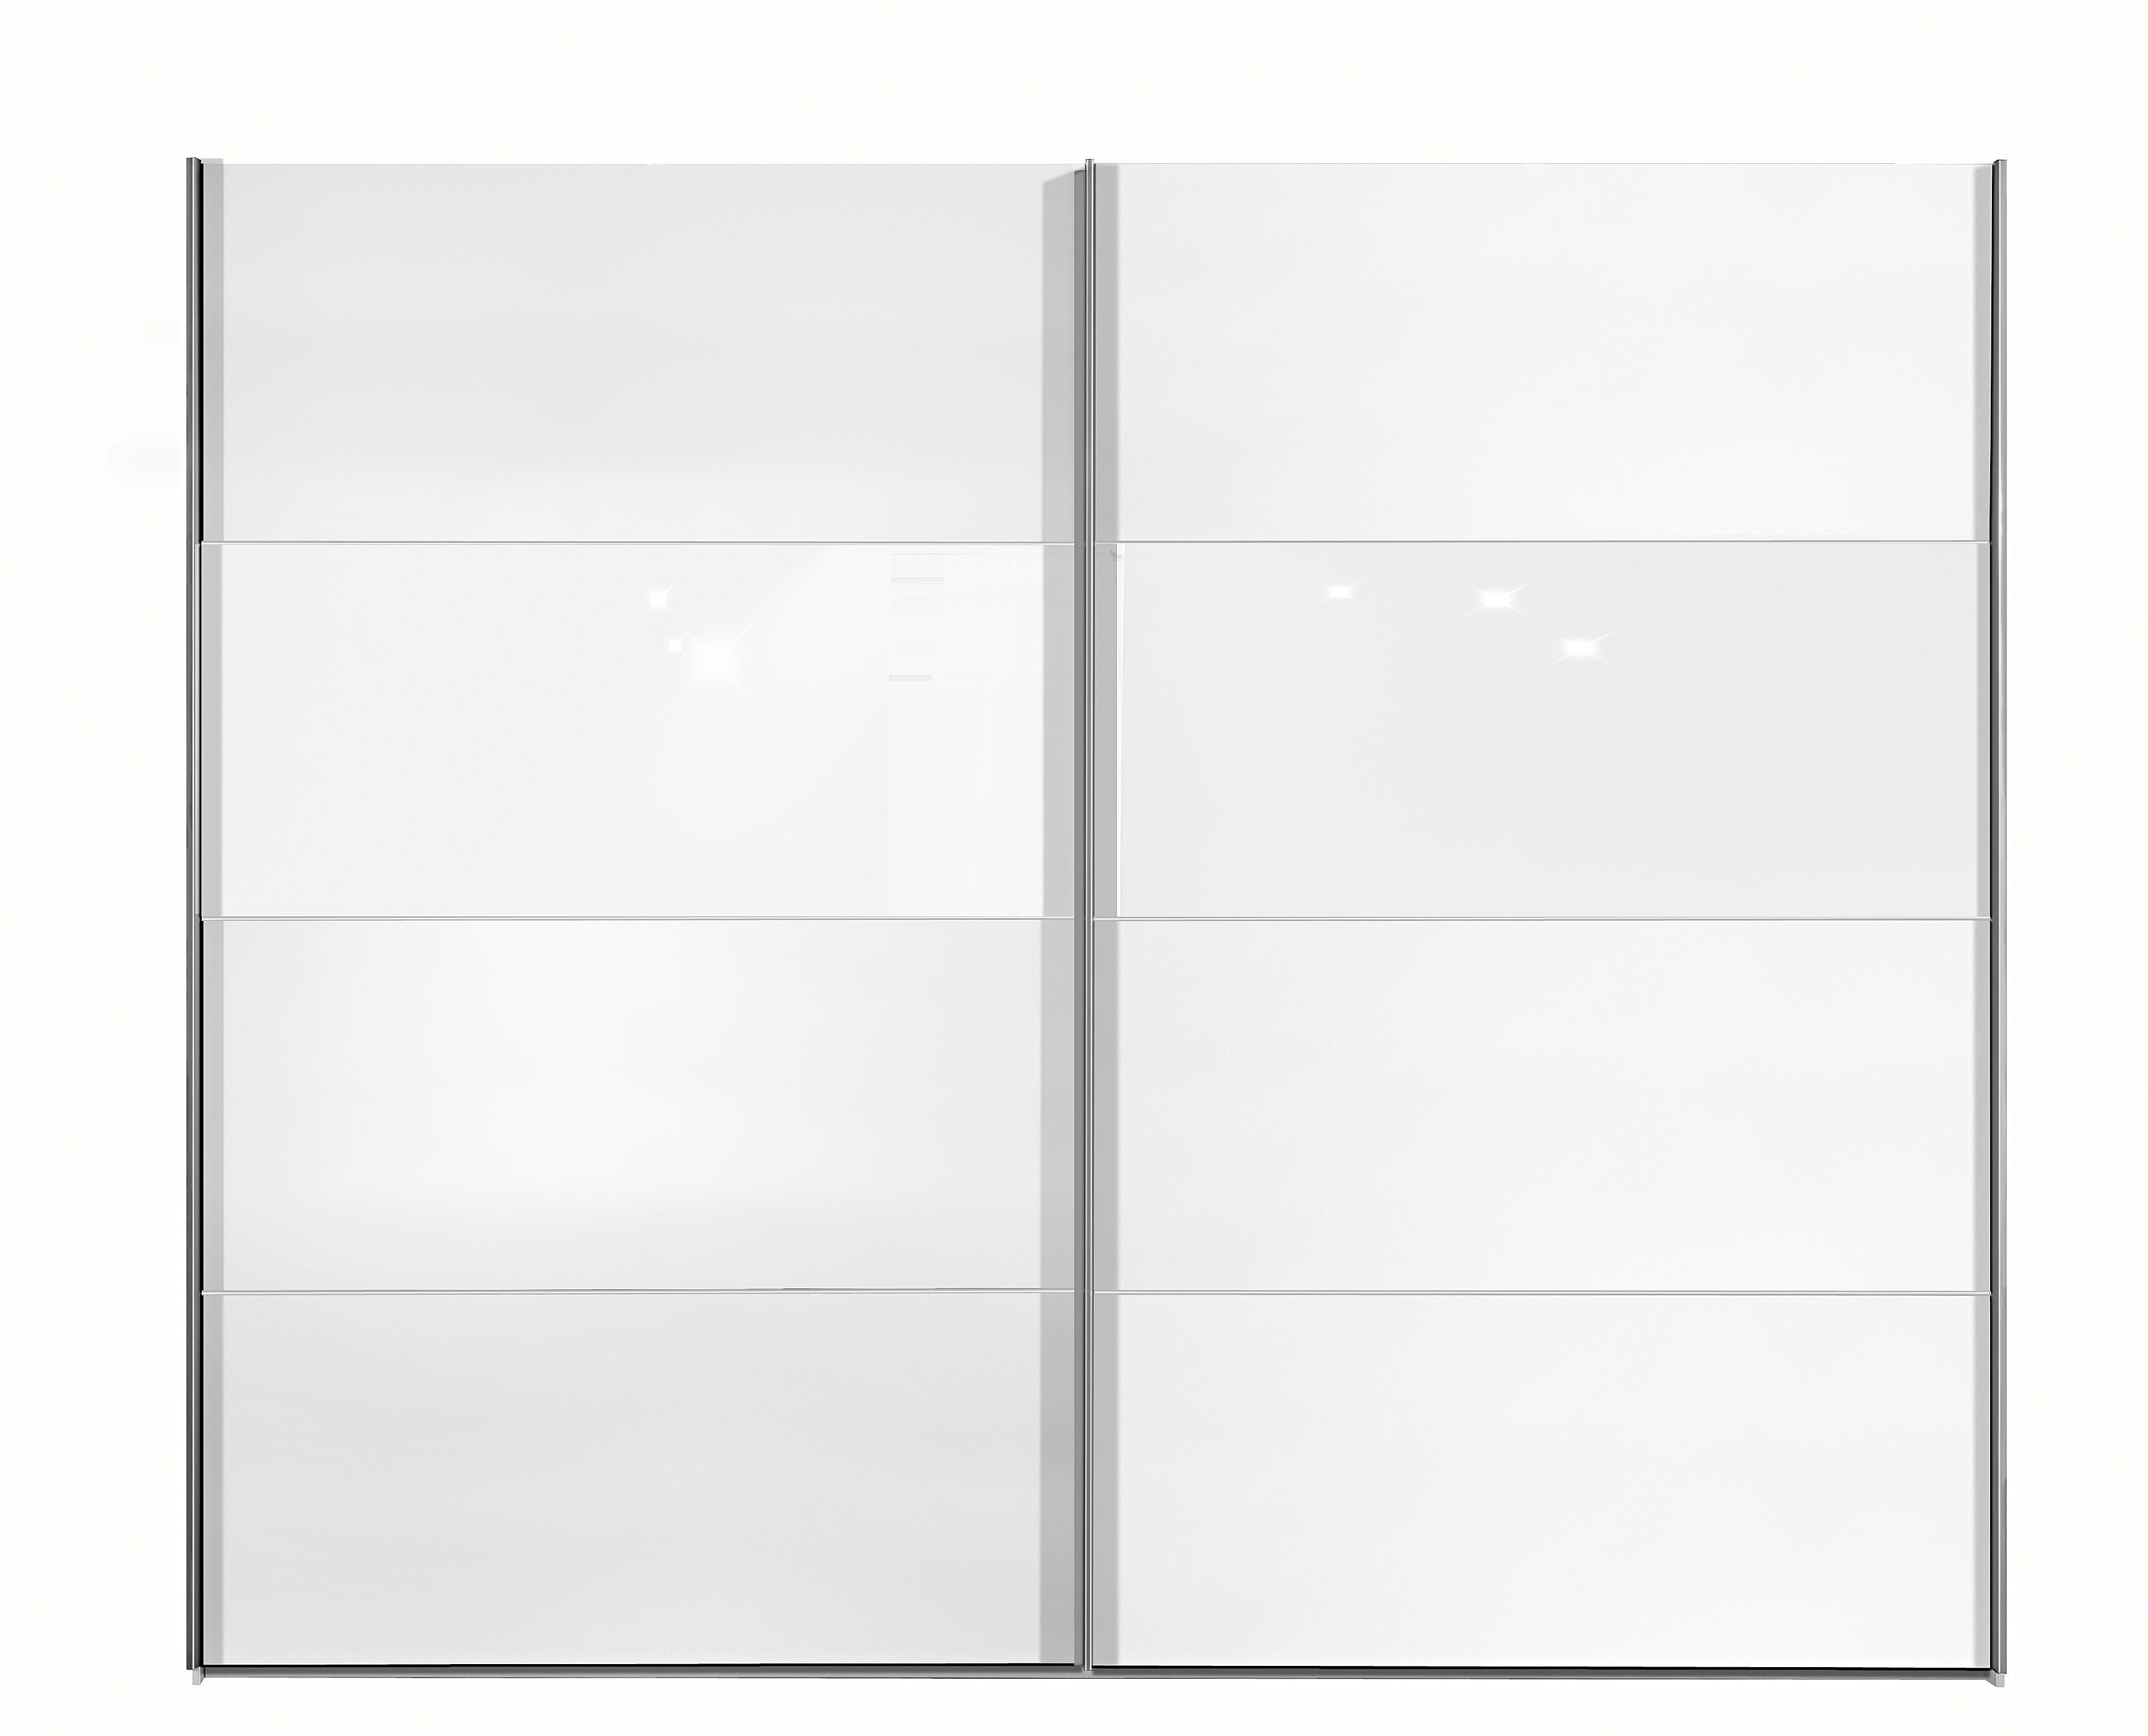 kleiderschrank style weiss weissglas schwebet renschrank. Black Bedroom Furniture Sets. Home Design Ideas